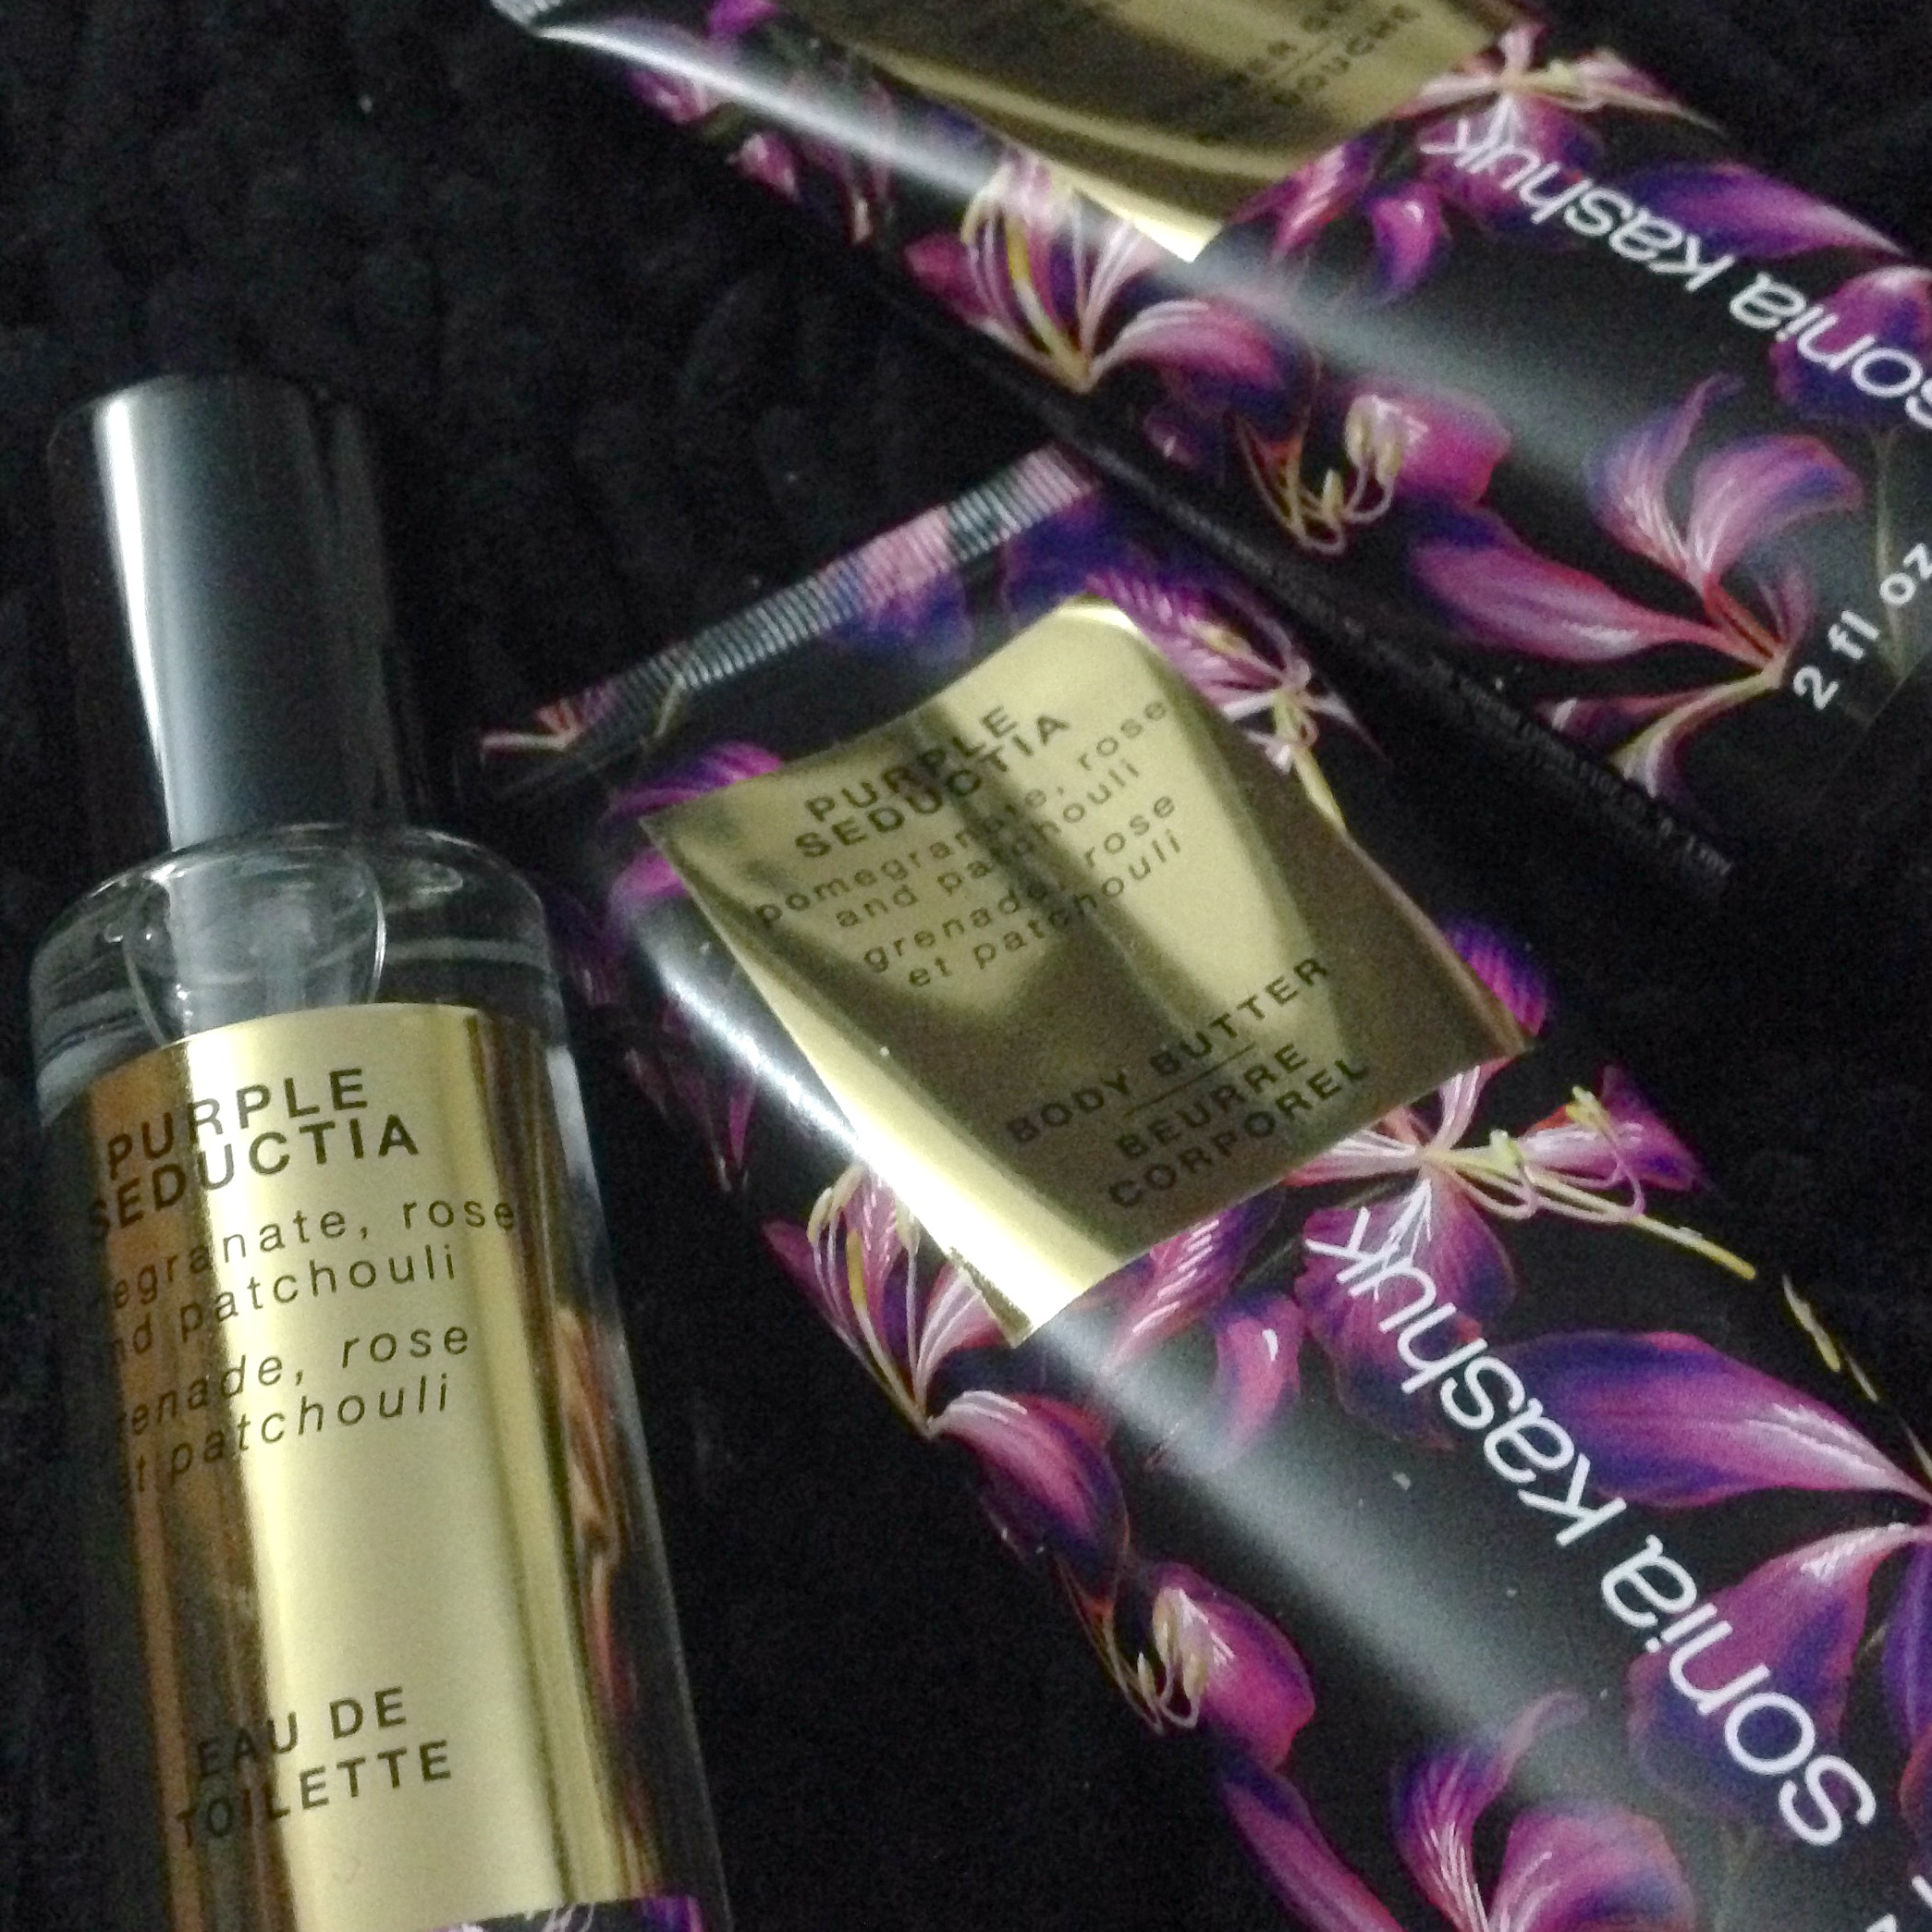 Sonia Kashuk Gift Set